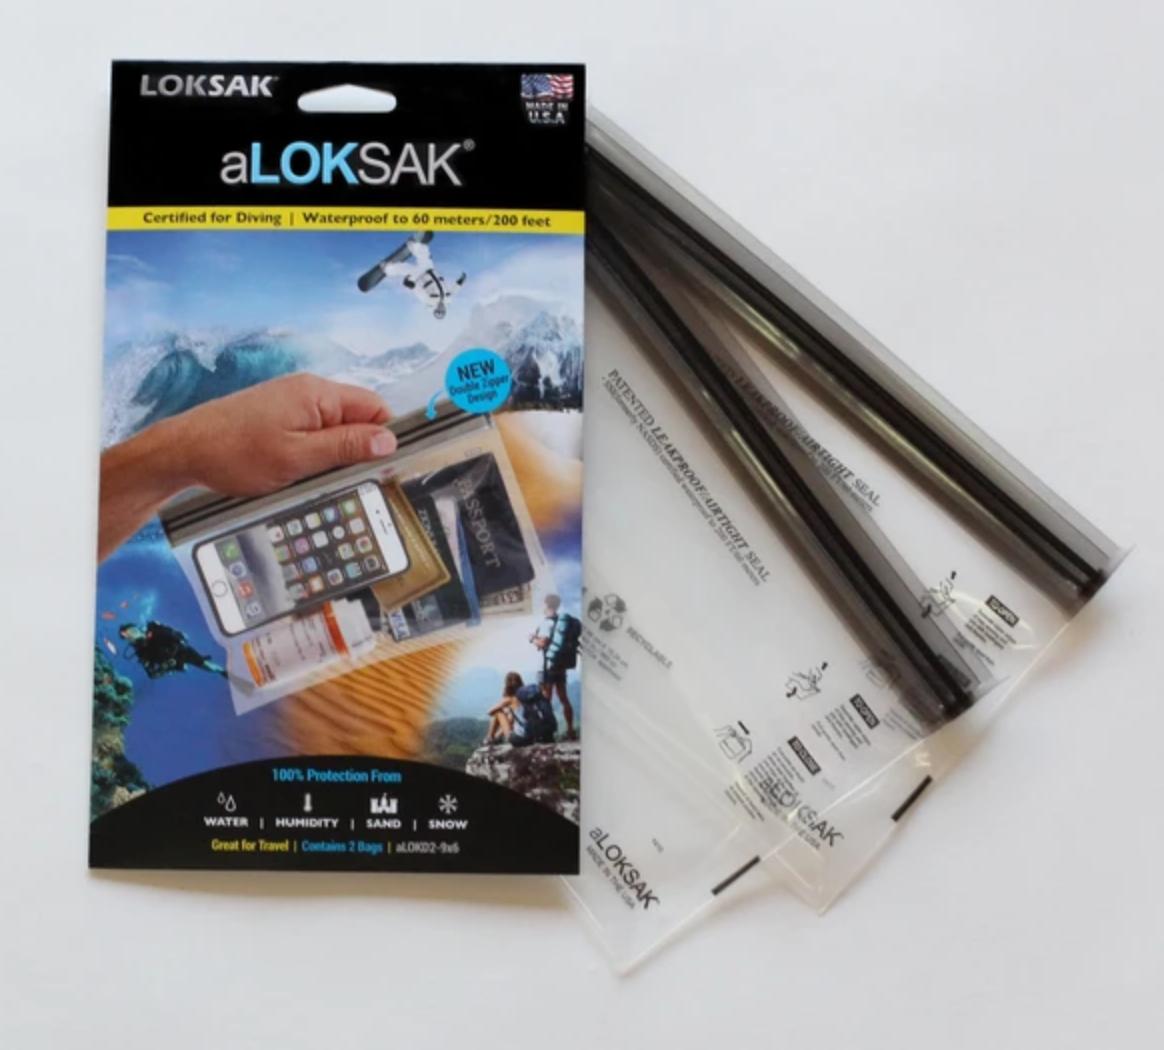 aLOKSAK 9X6 2-PACK-1